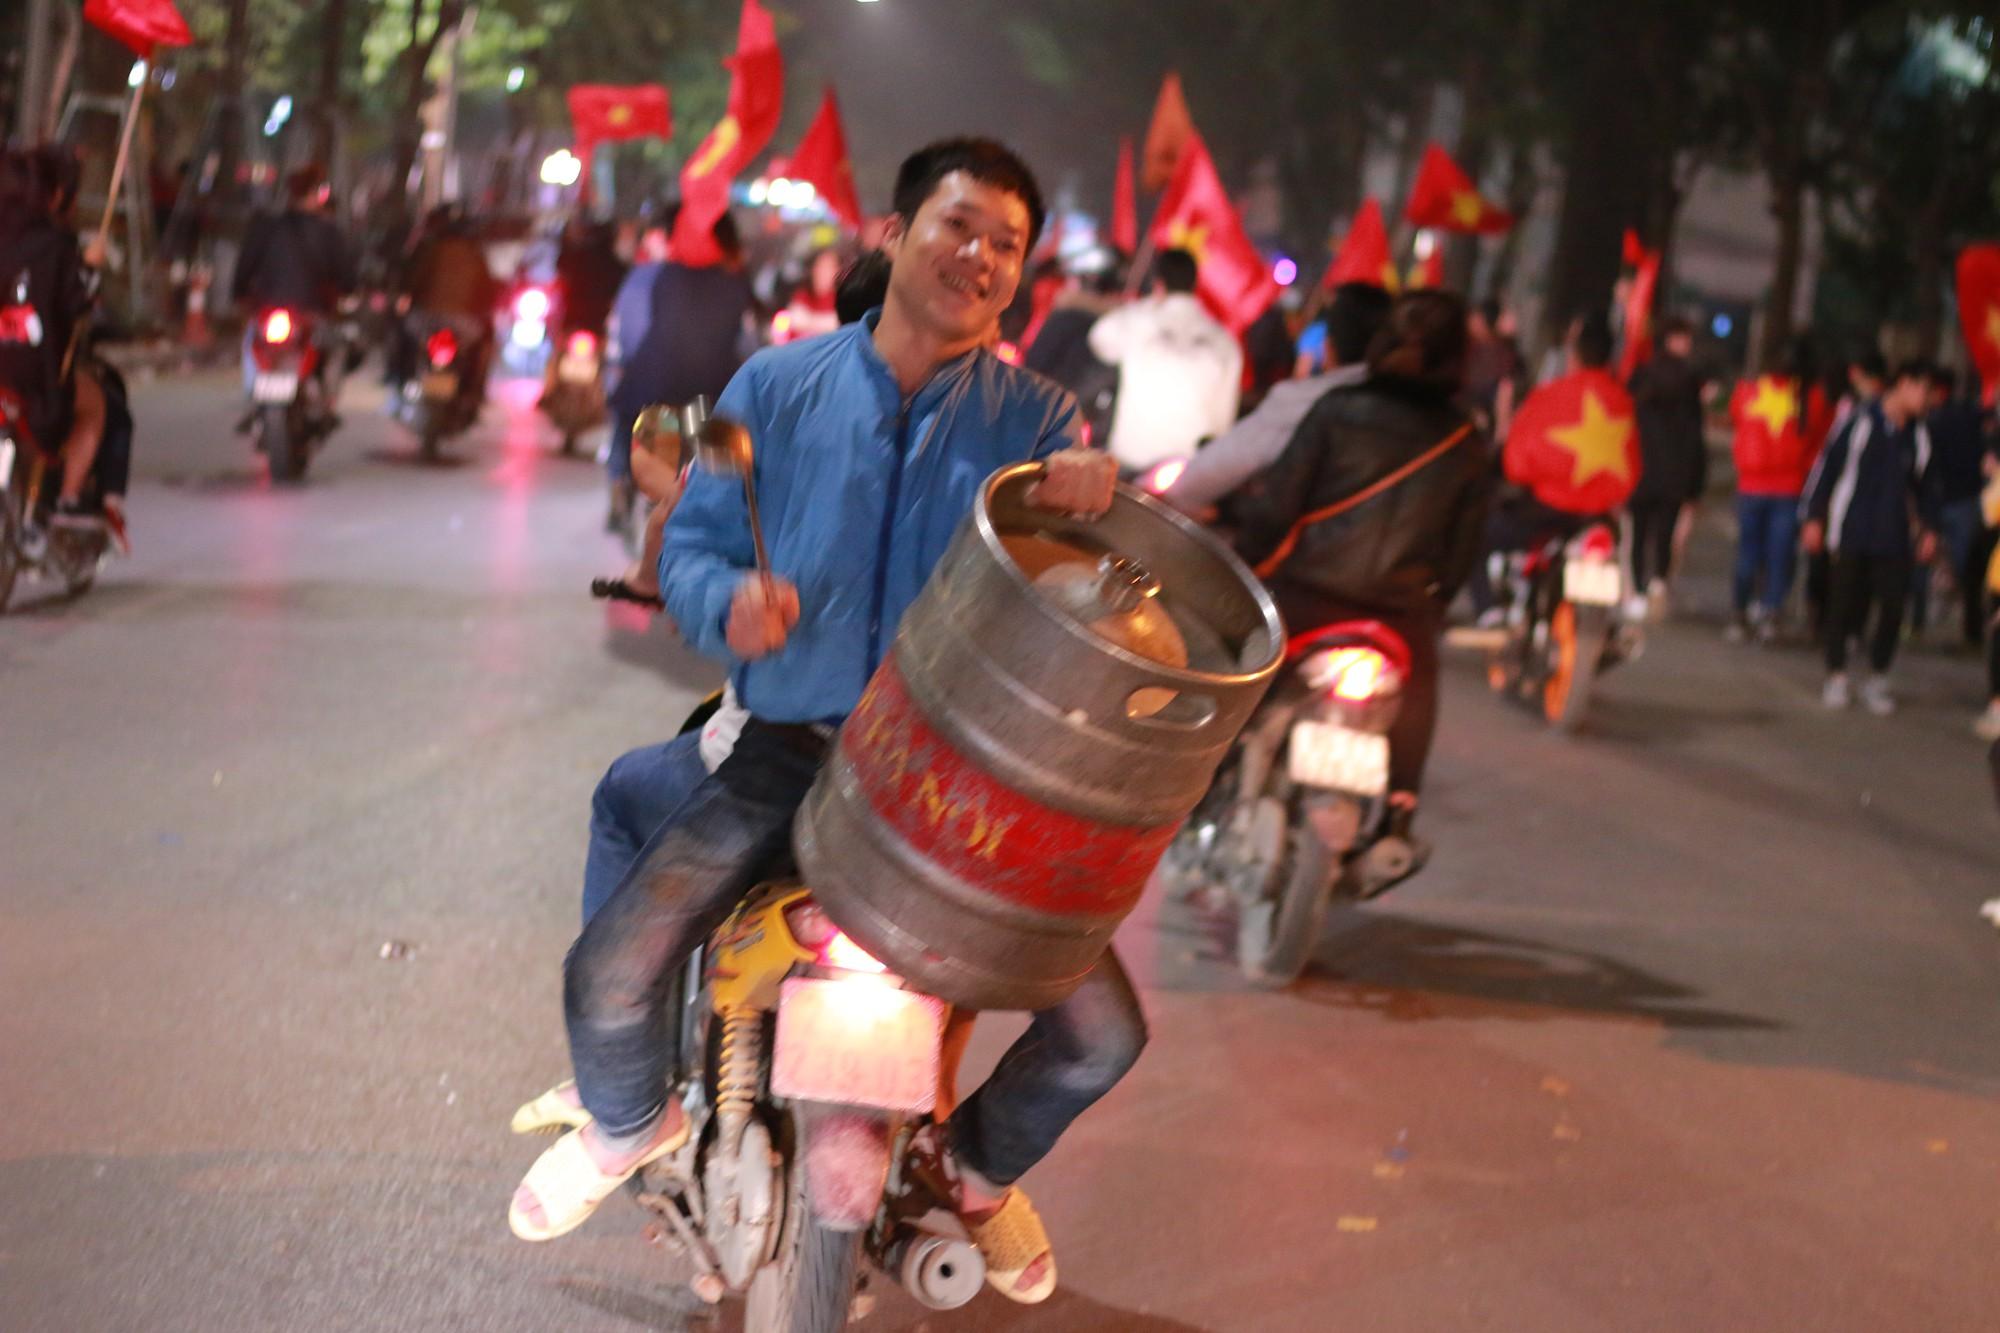 Những nhạc cụ gõ mừng U23 Việt Nam chiến thắng đặc dị khác thường nhất đêm qua - Ảnh 3.